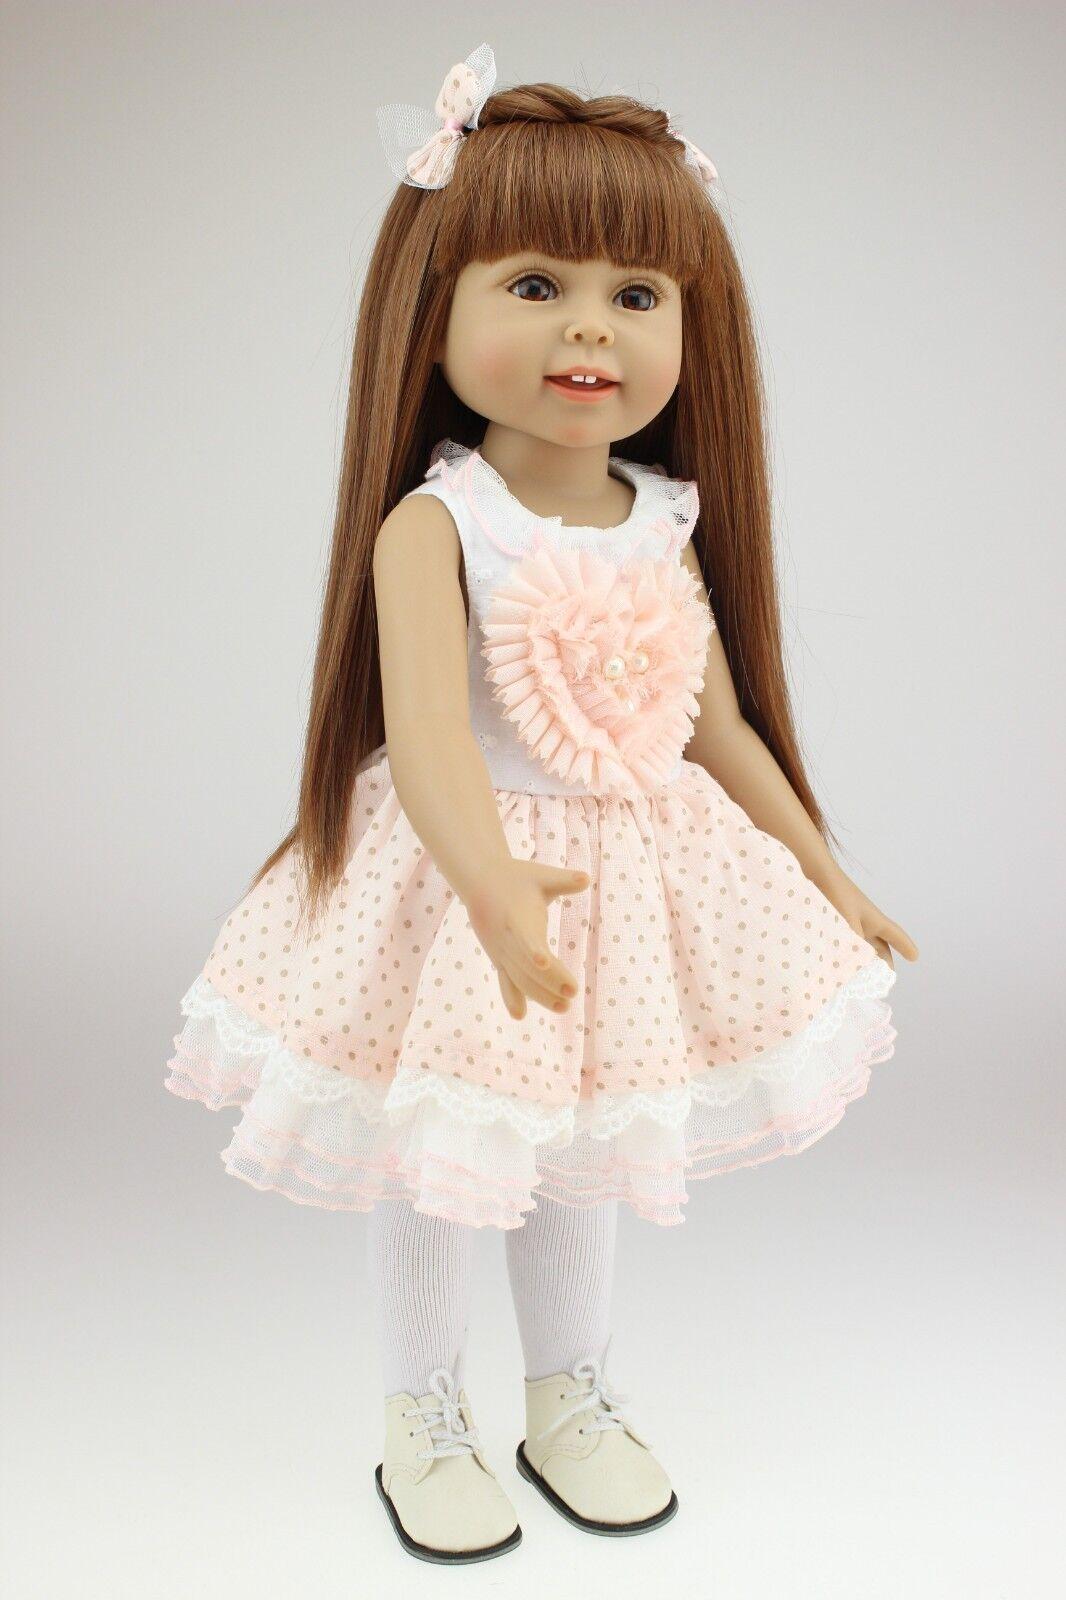 18  Muñeca Reborn Bebe Muñeca De Vinilo Suave Juguete Educativo para bebé niñas cumpleaños regalo de